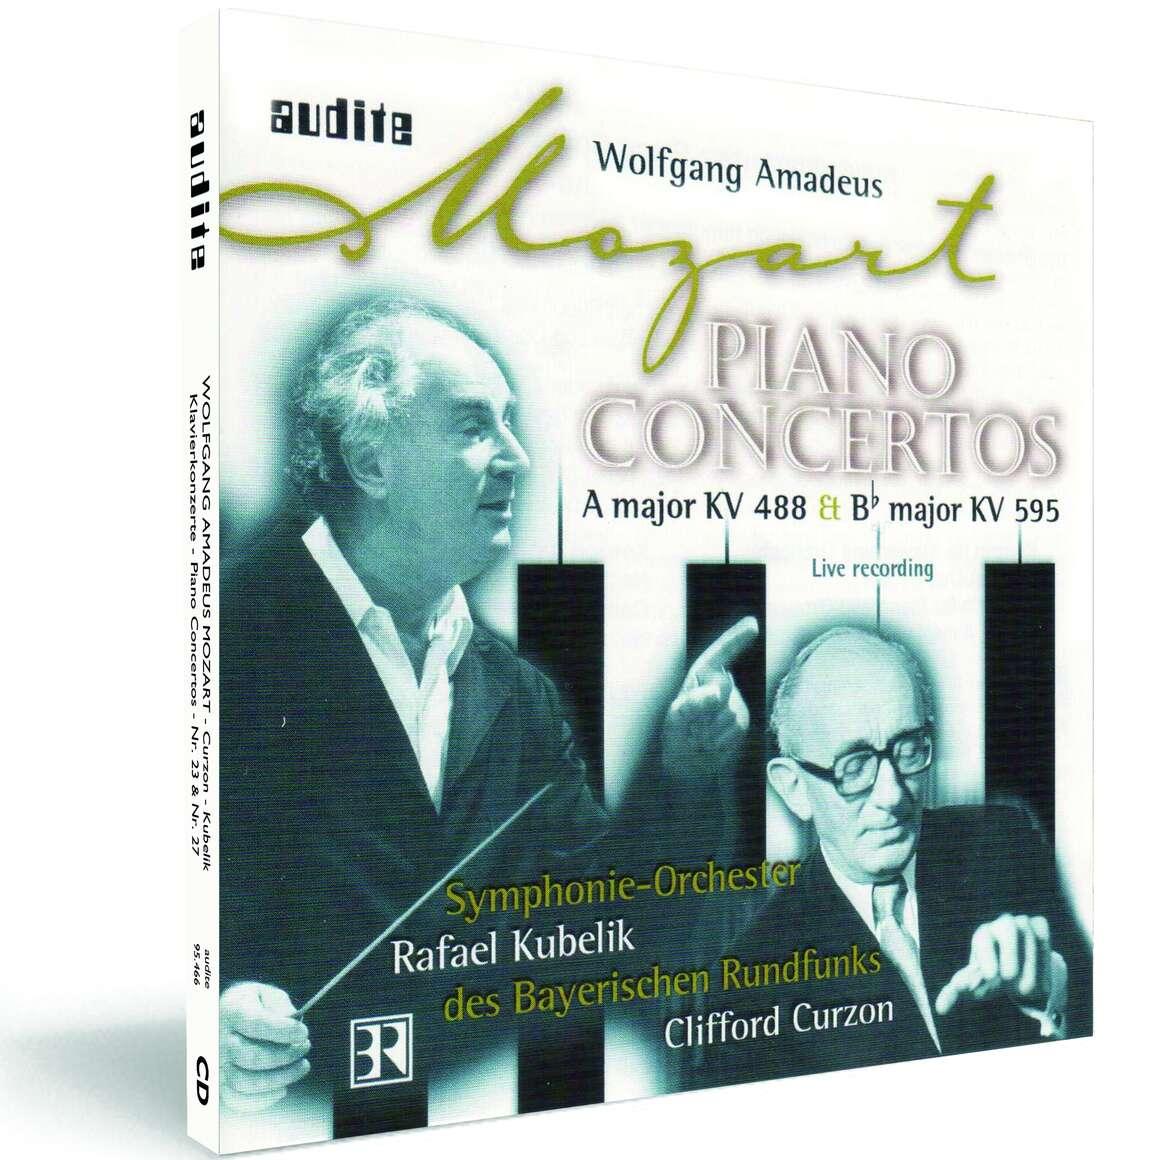 W. A. Mozart: Piano Concertos No. 23 & No. 27